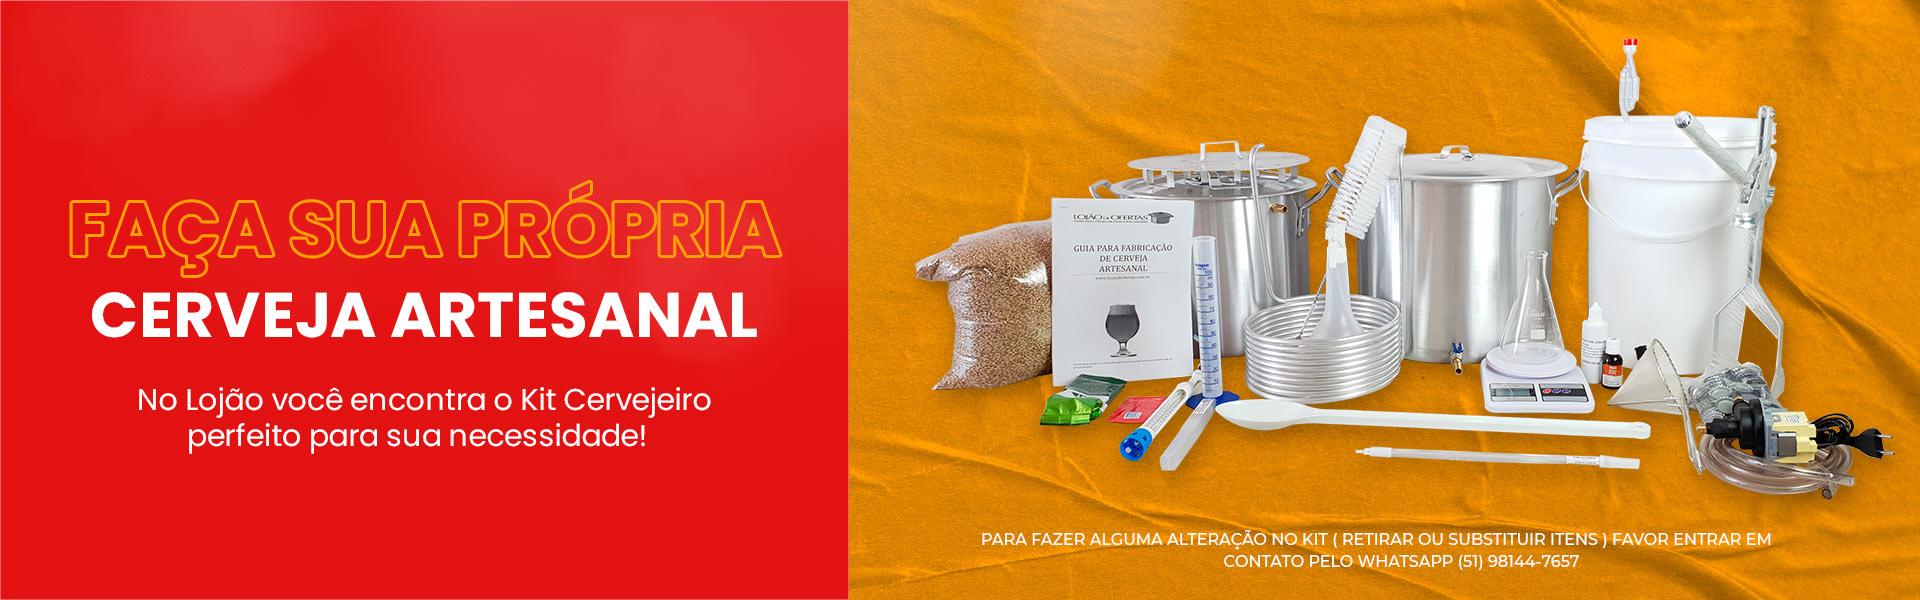 Banner Cerveja Artesanal